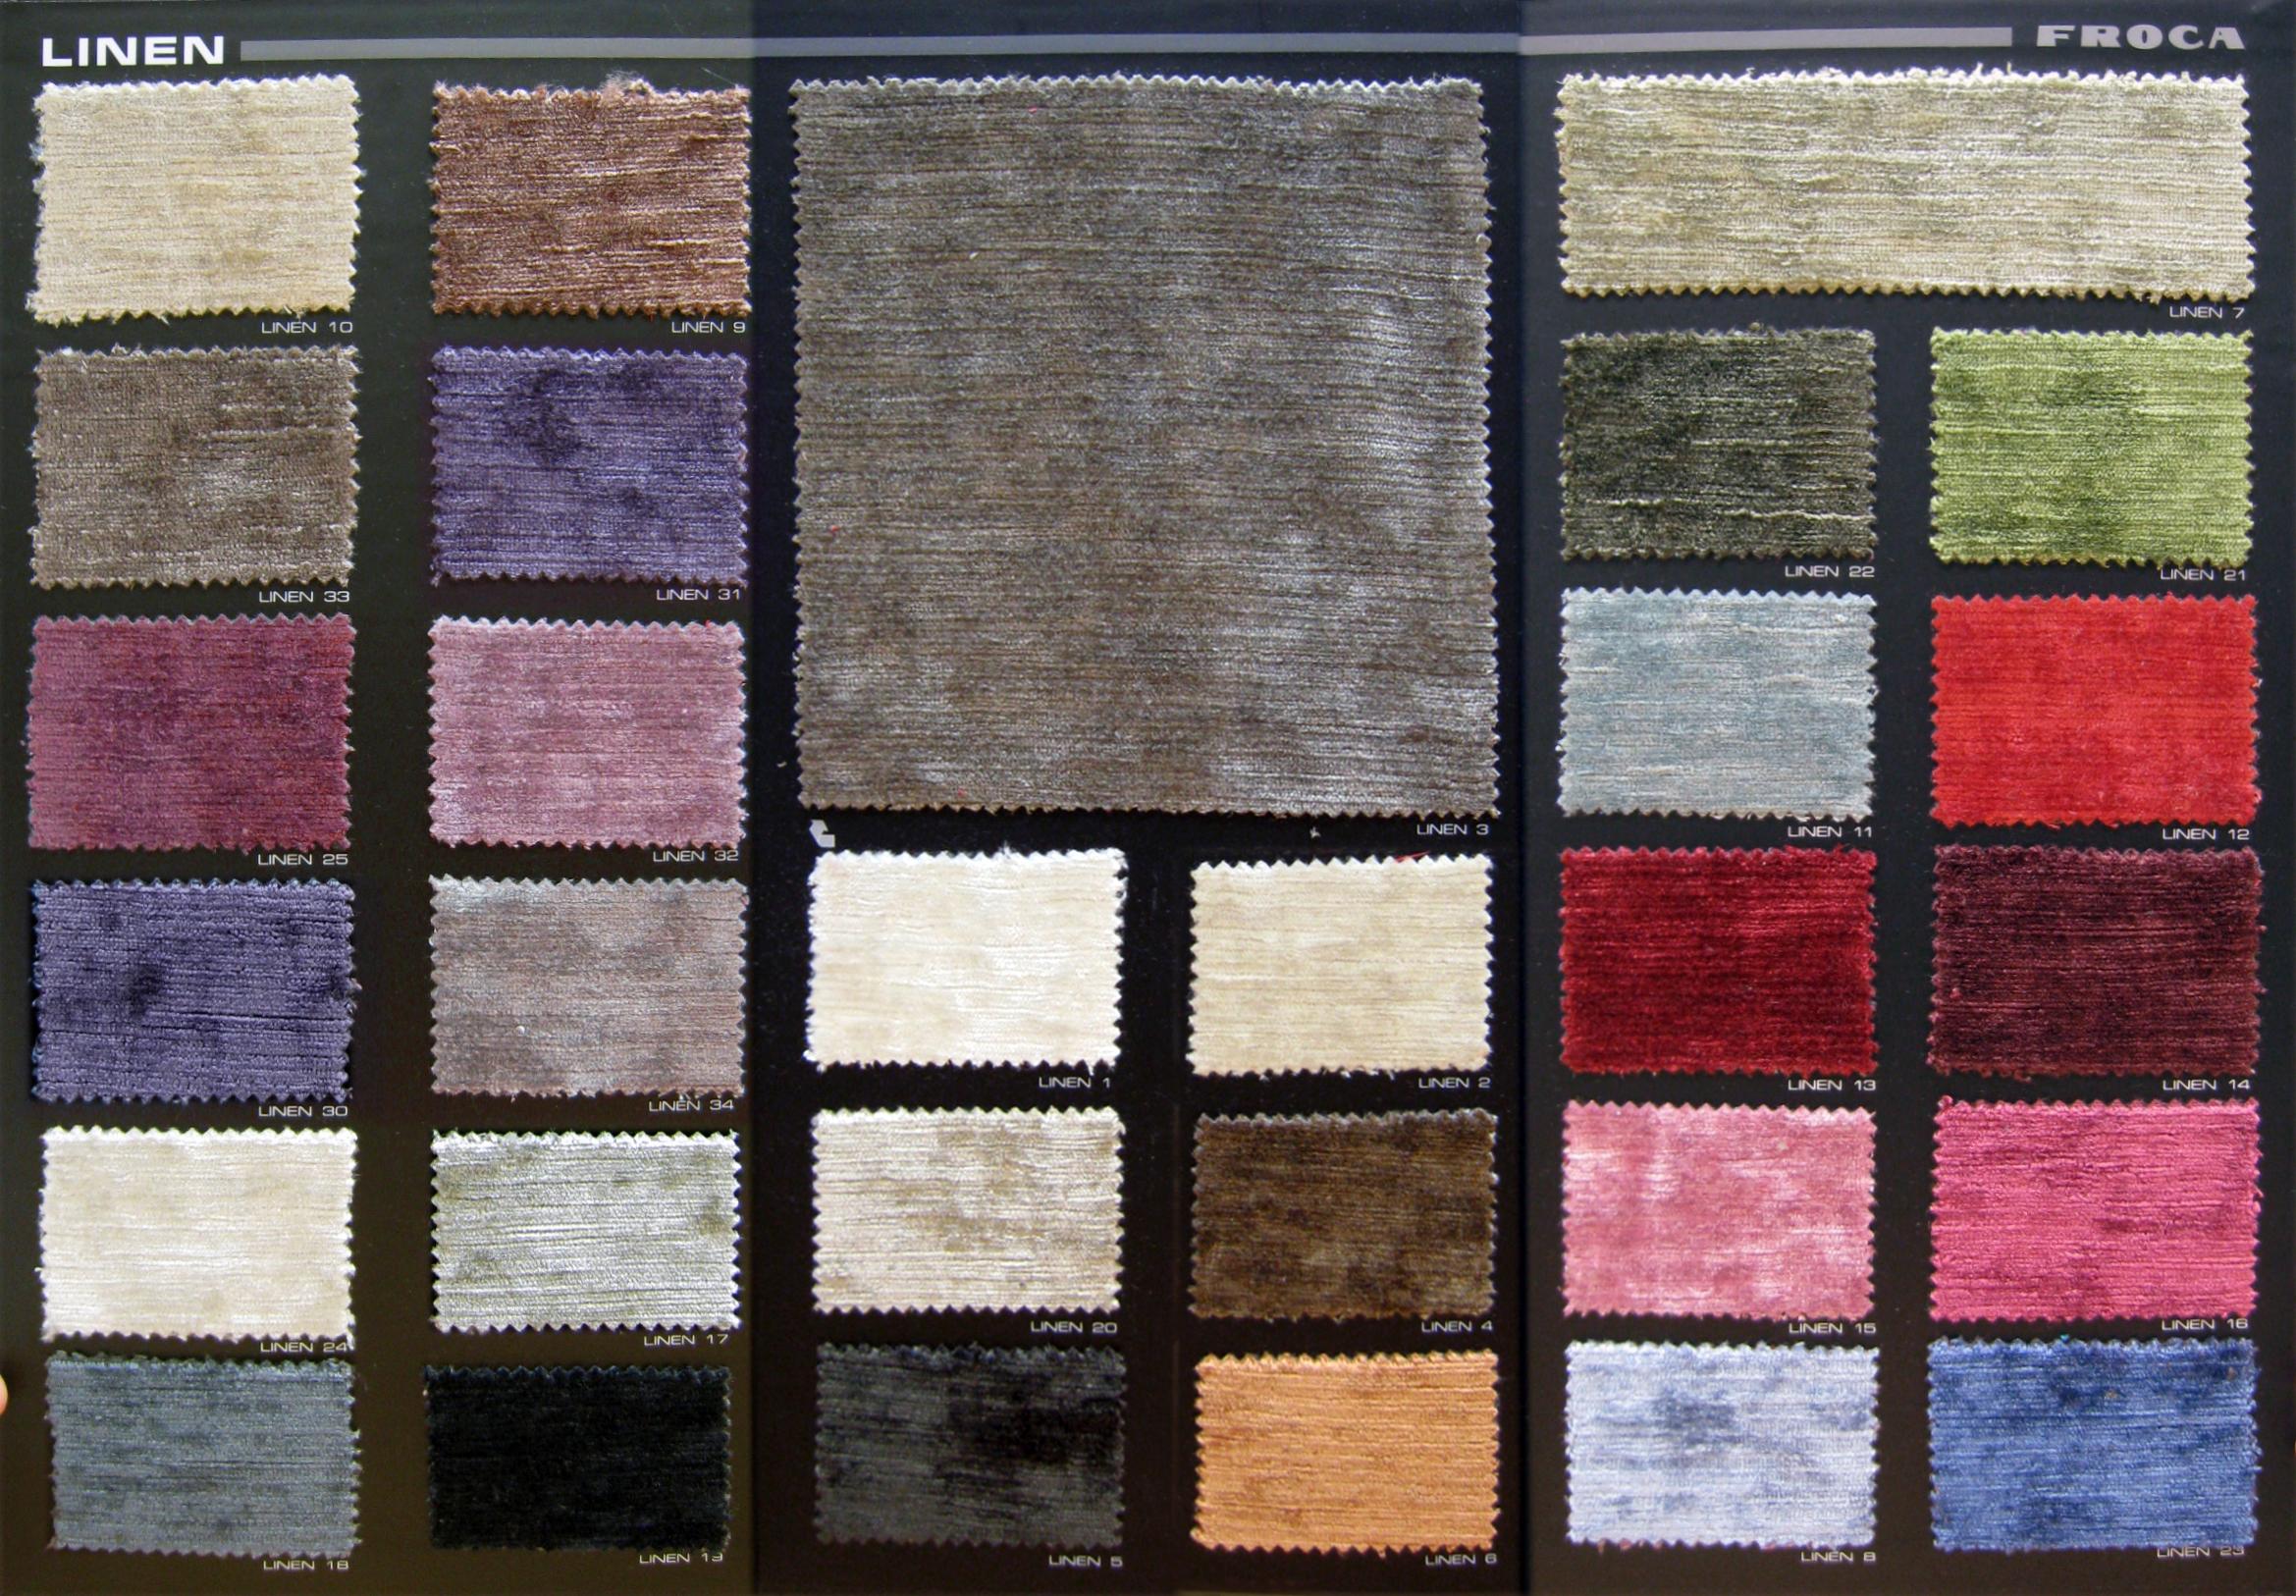 Terciopelo linen froca la dama decoraci n - Telas de terciopelo para tapizar ...